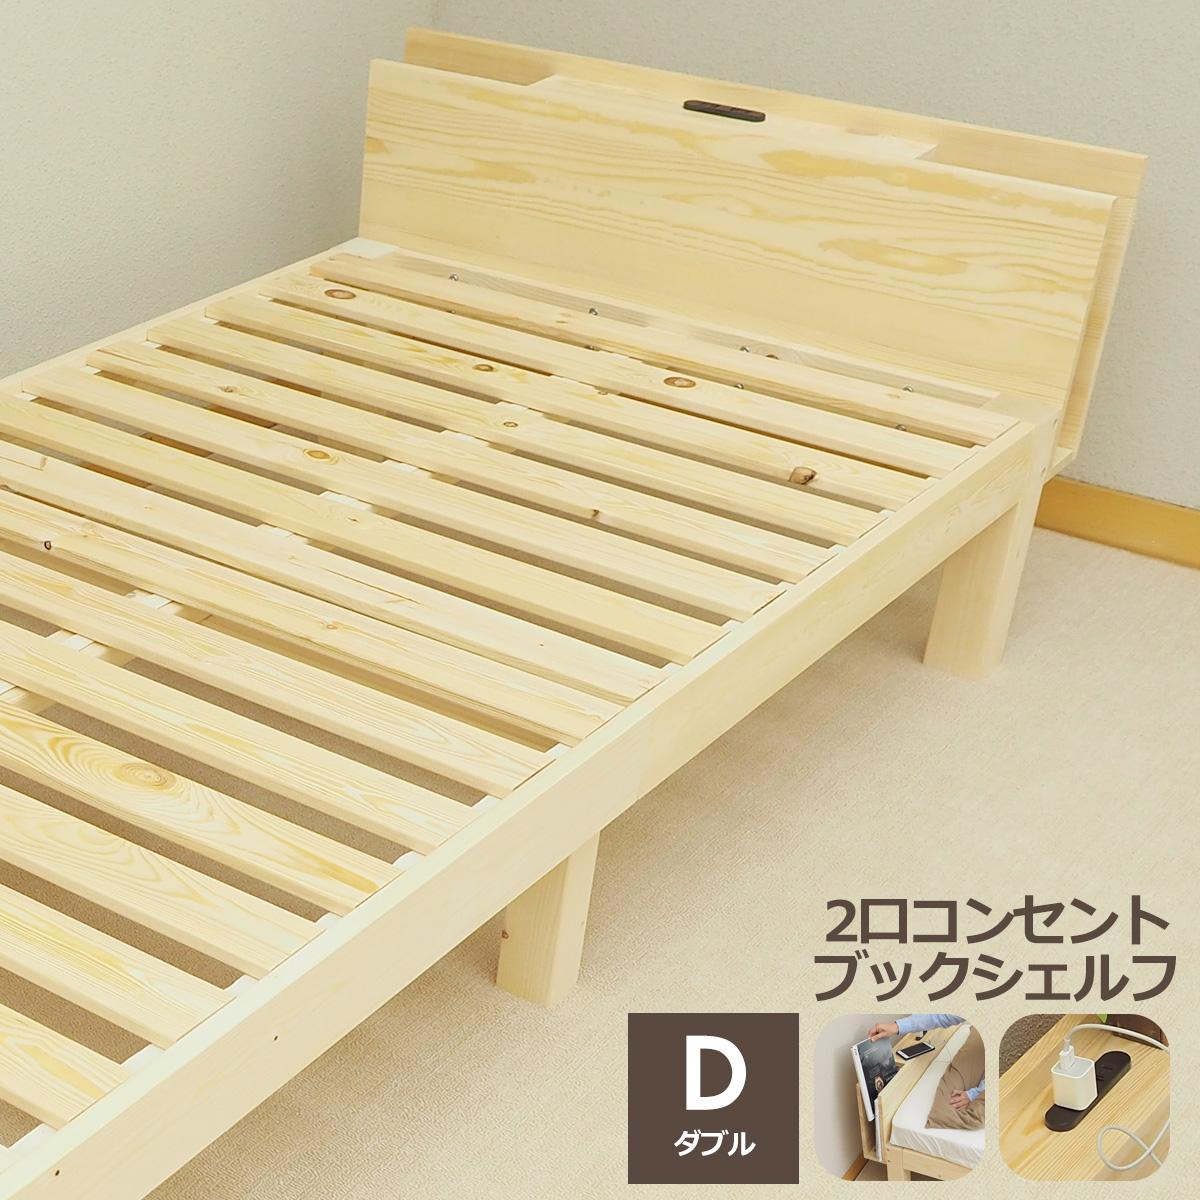 木製ベッドフレーム 宮付き 二口コンセント付き CN0602 ダブル